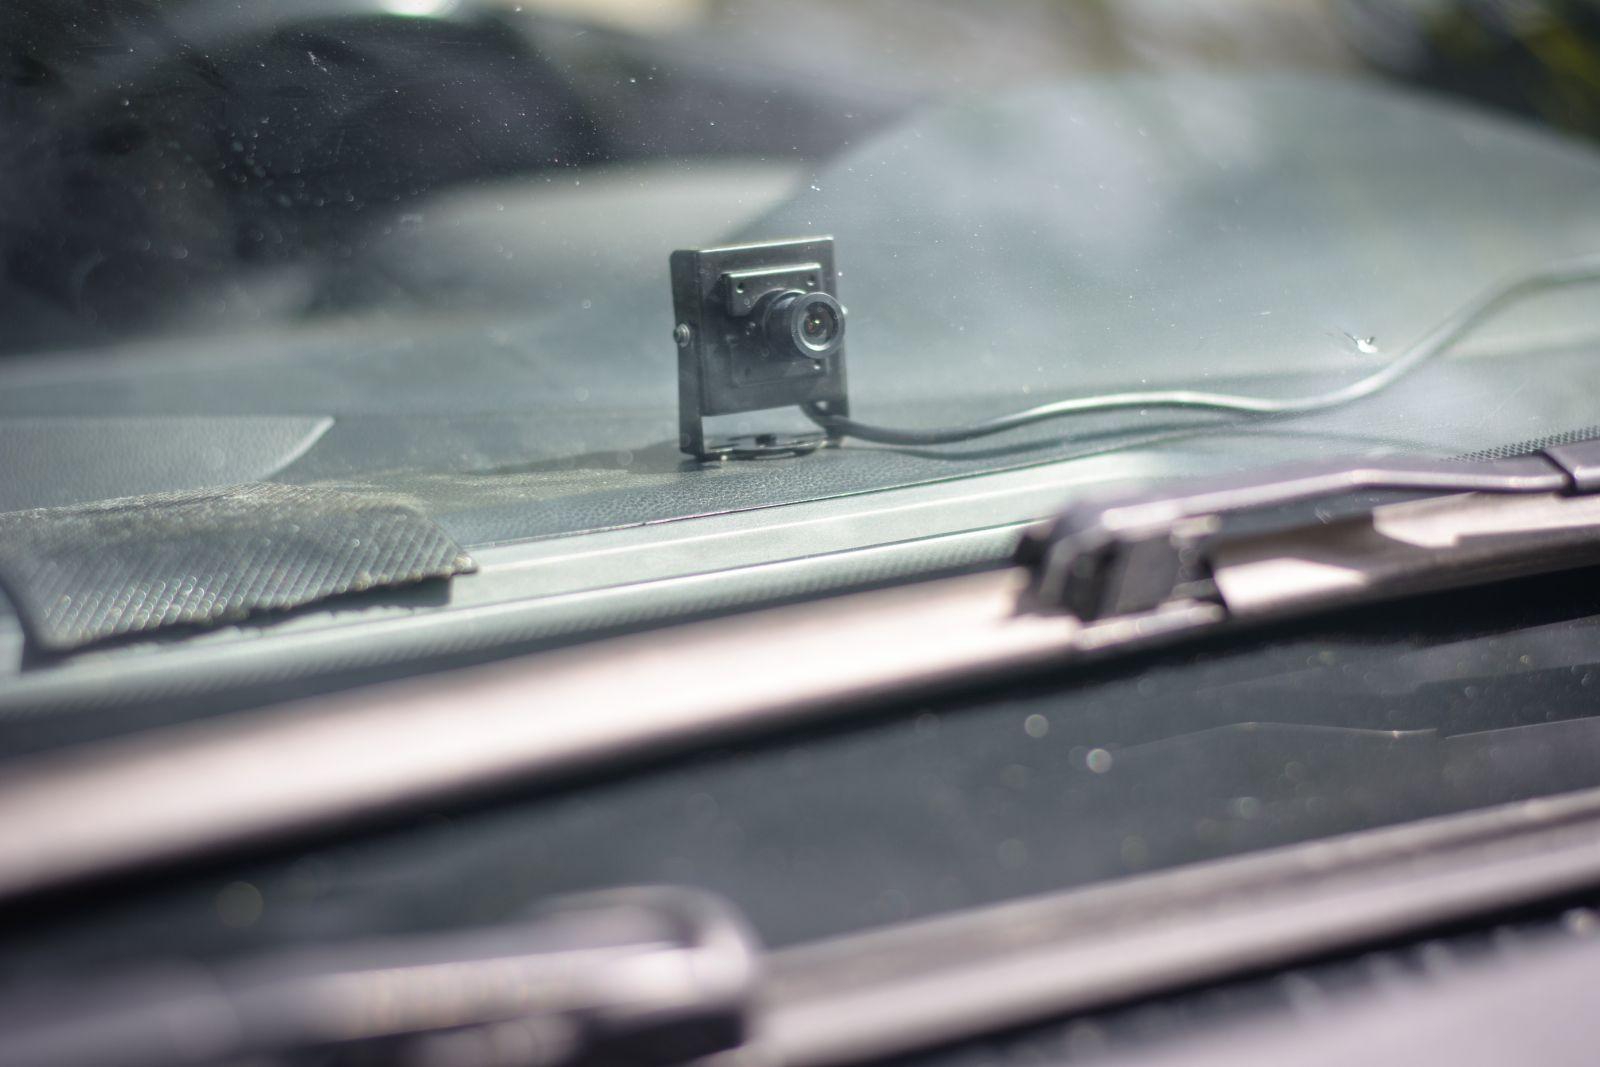 комплект оборудования для видеонаблюдения на учебный автомобиль